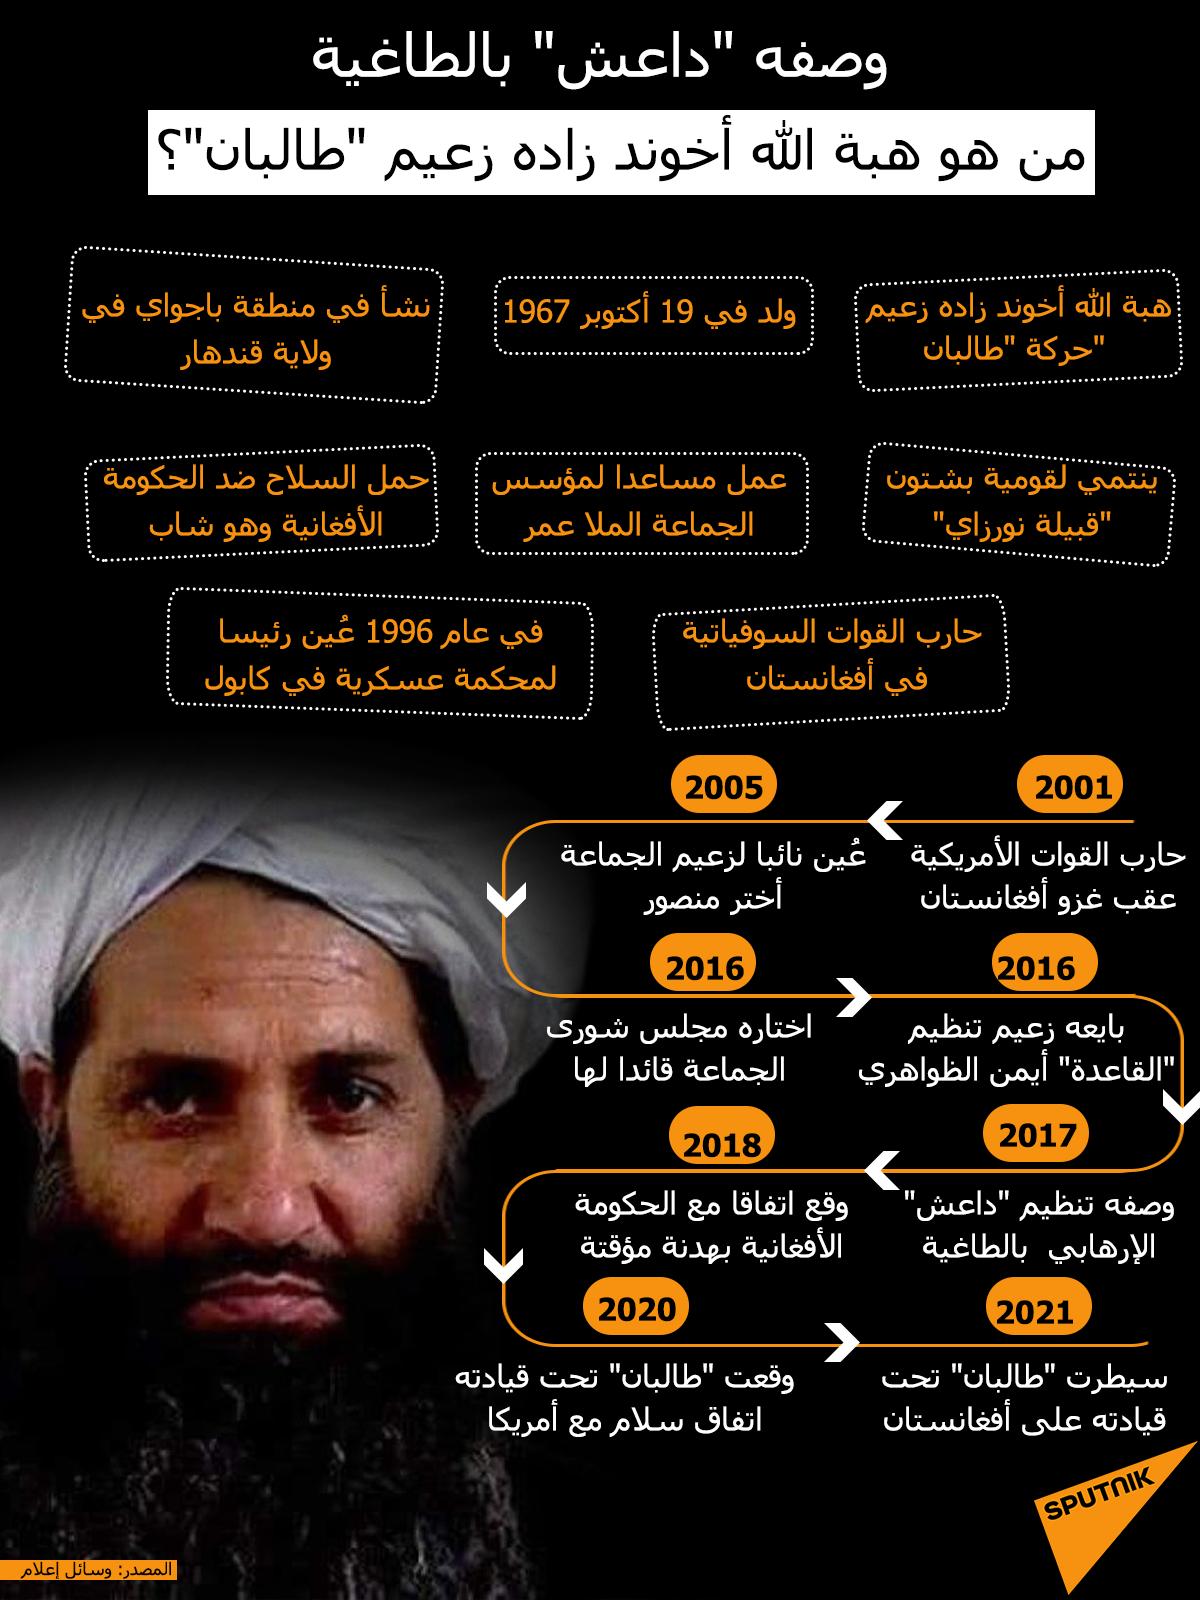 من هو هبة الله أخوند زاده زعيم طالبان